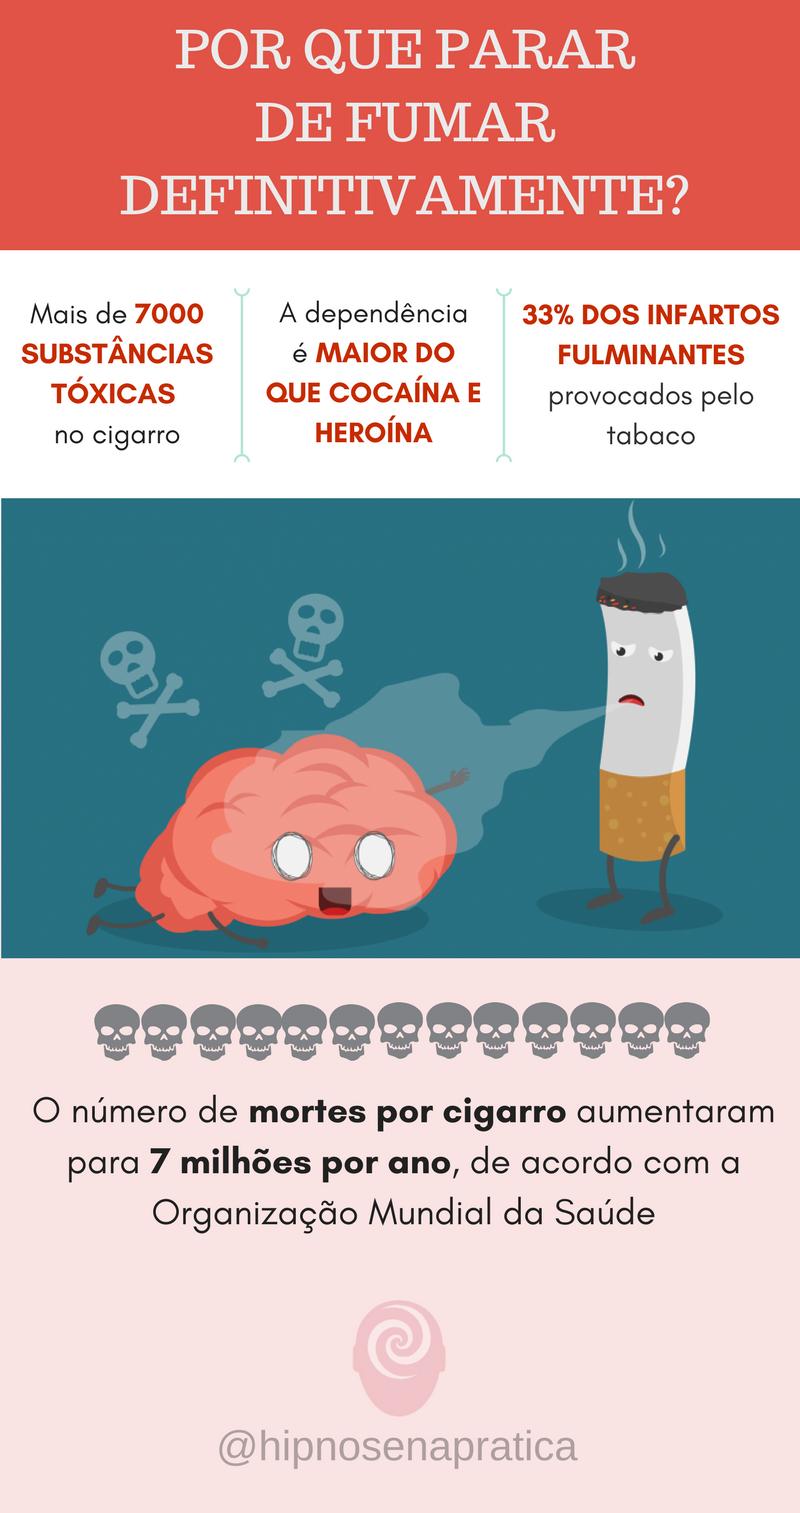 Pare de fumar definitivamente! Agora você pode obter resultados definitivos sem enrolação e sofrimento...